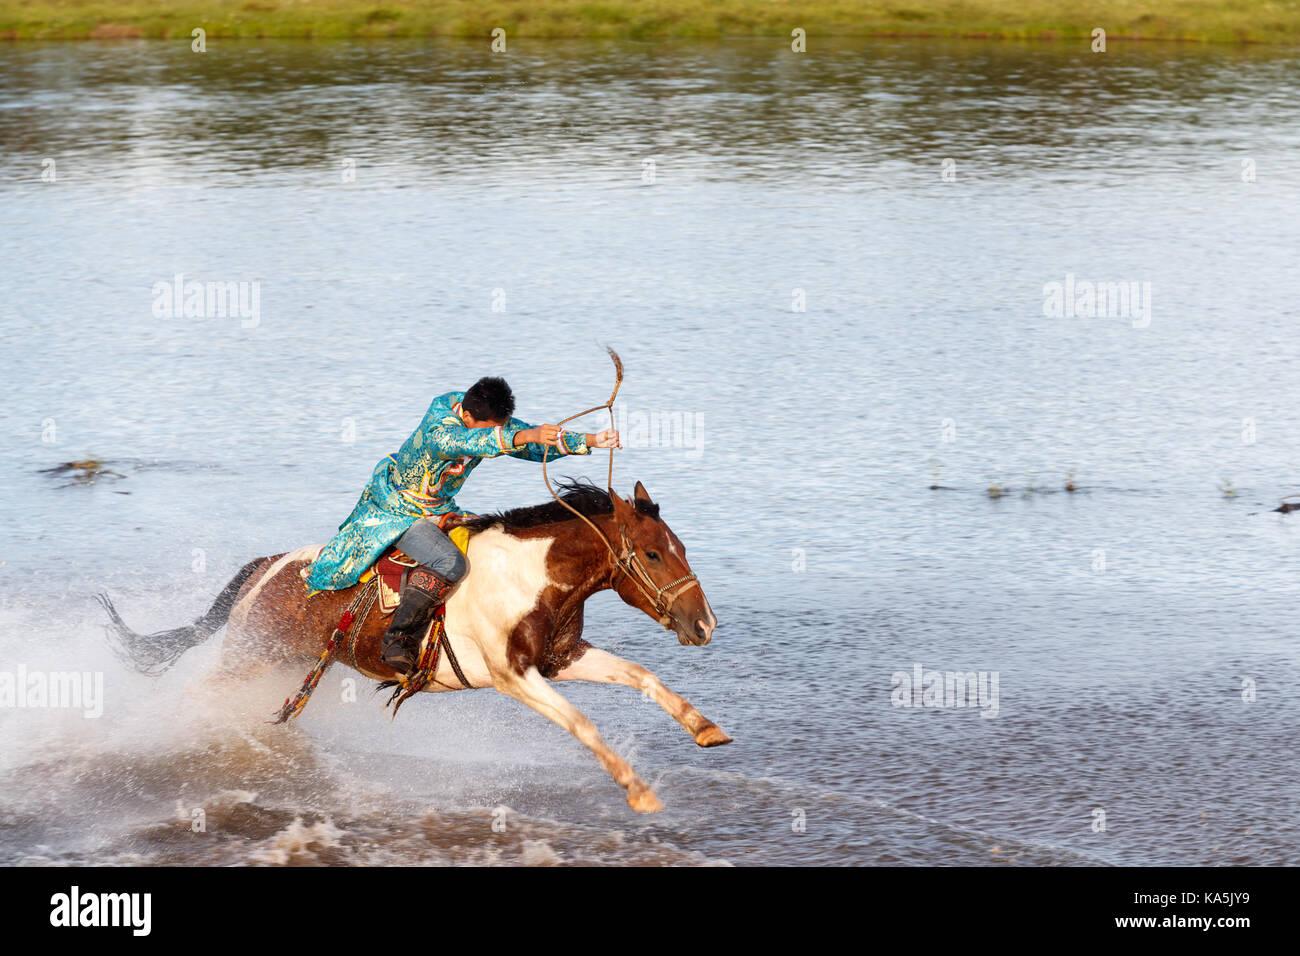 Giovane cavaliere mongolo corse al galoppo completo sul fiume Immagini Stock